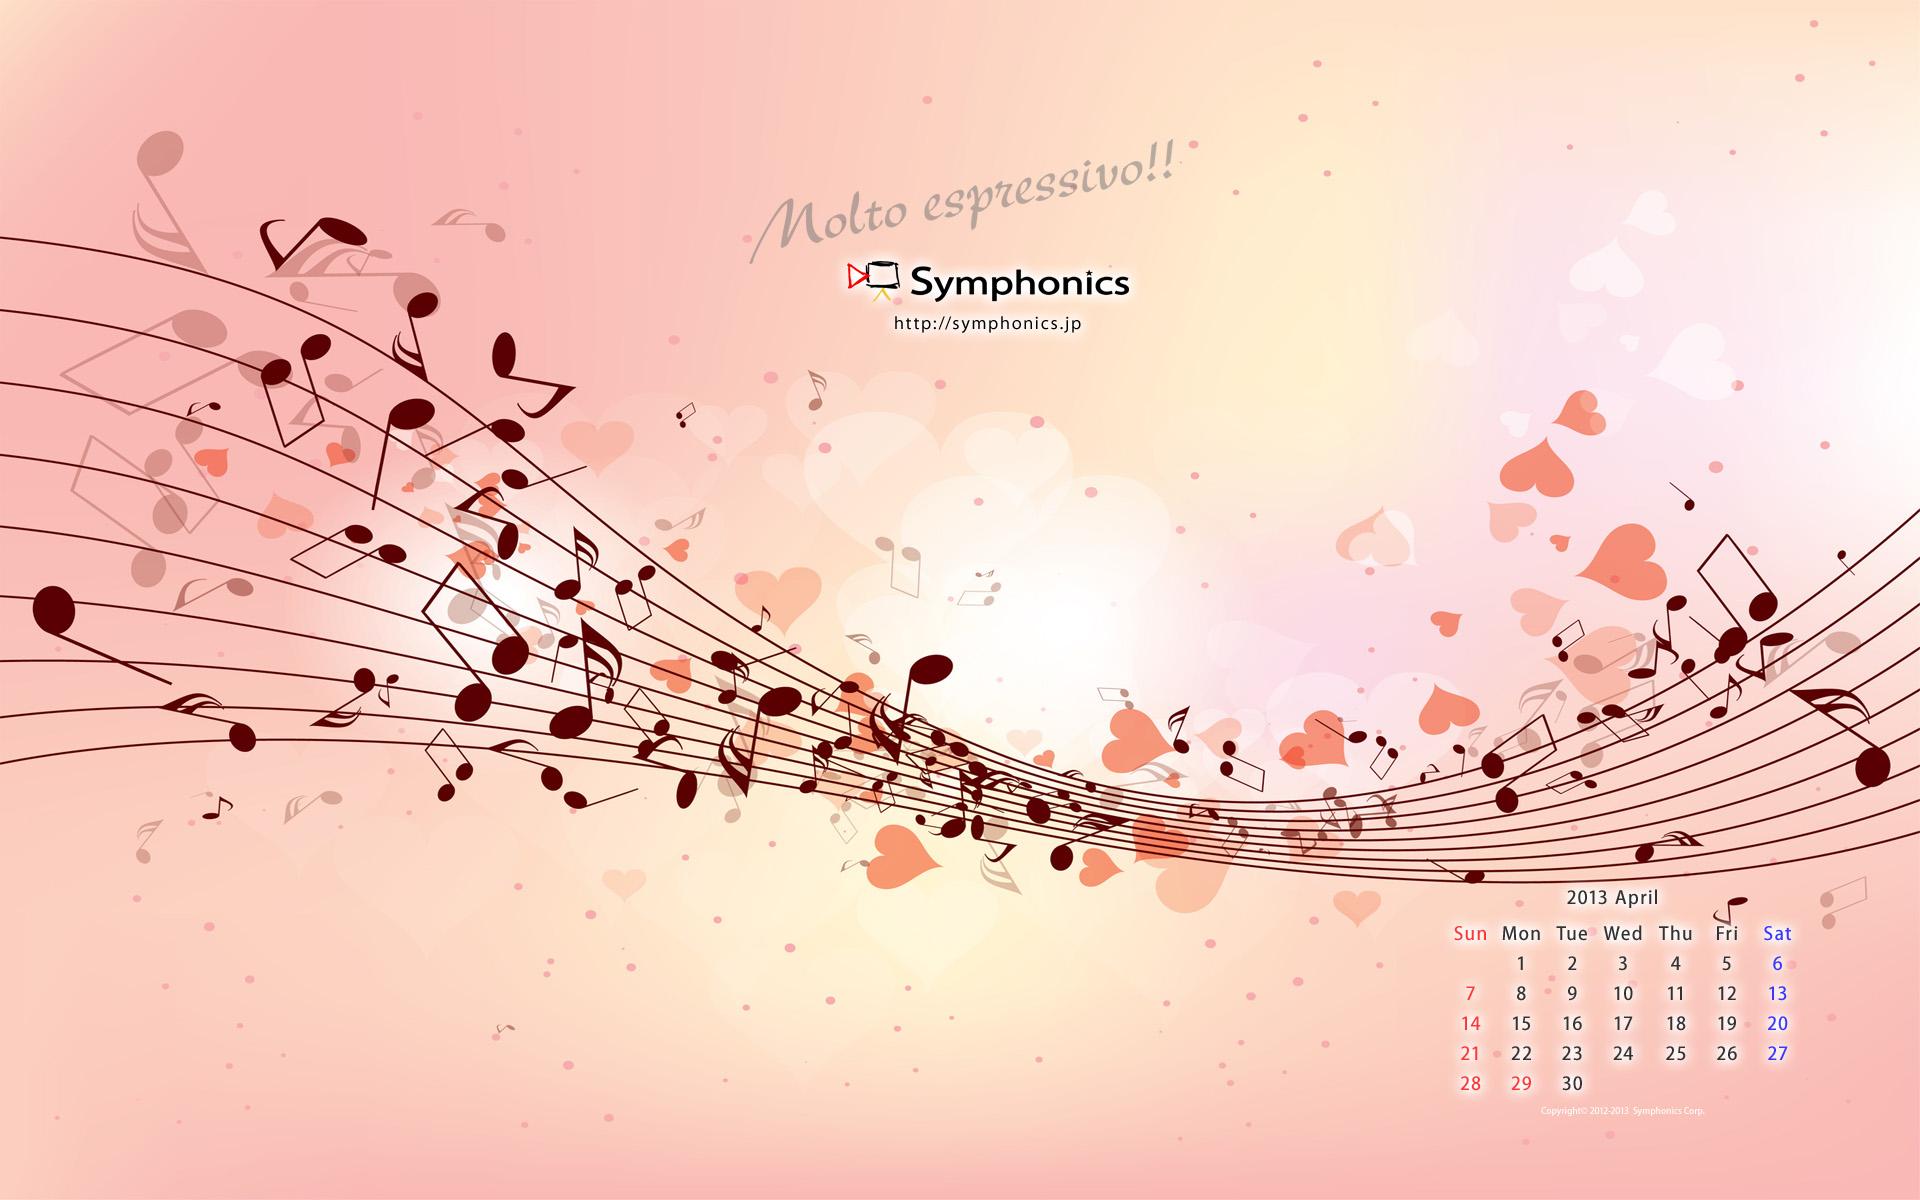 Symphonics シンフォニクス株式会社 映像制作 技術 オーケストラ コンサートdvd ビデオ撮影 4月のsymphonics壁紙